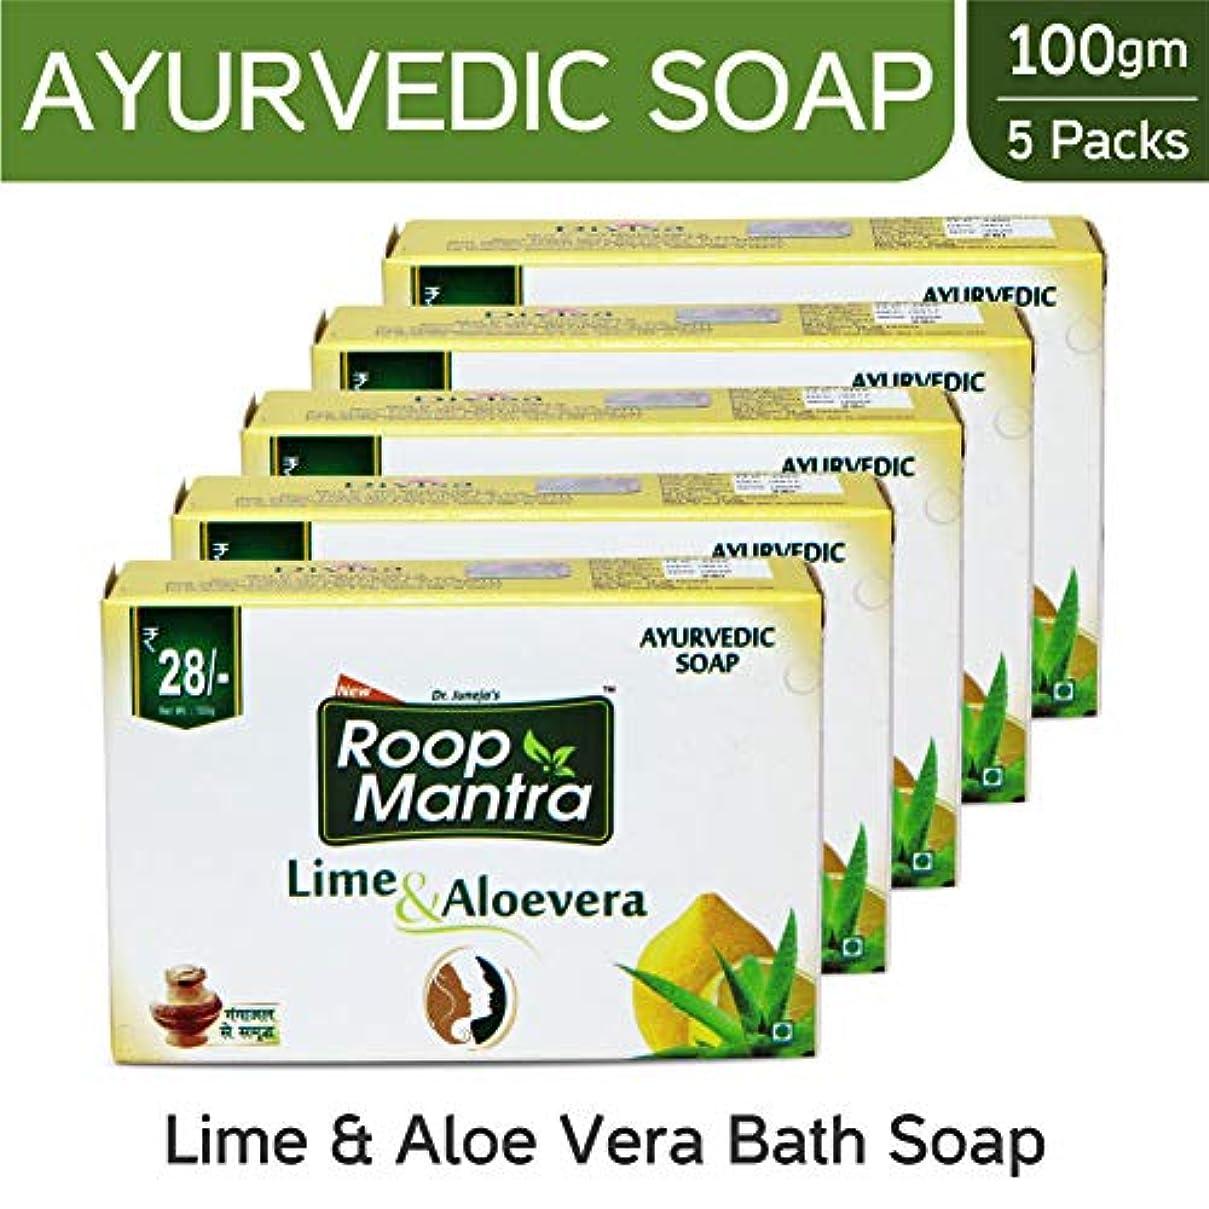 確かめるルーめまいRoop Mantra Ayurvedic Bath Soap, Lime and Aloevera, 100g (Pack of 5)